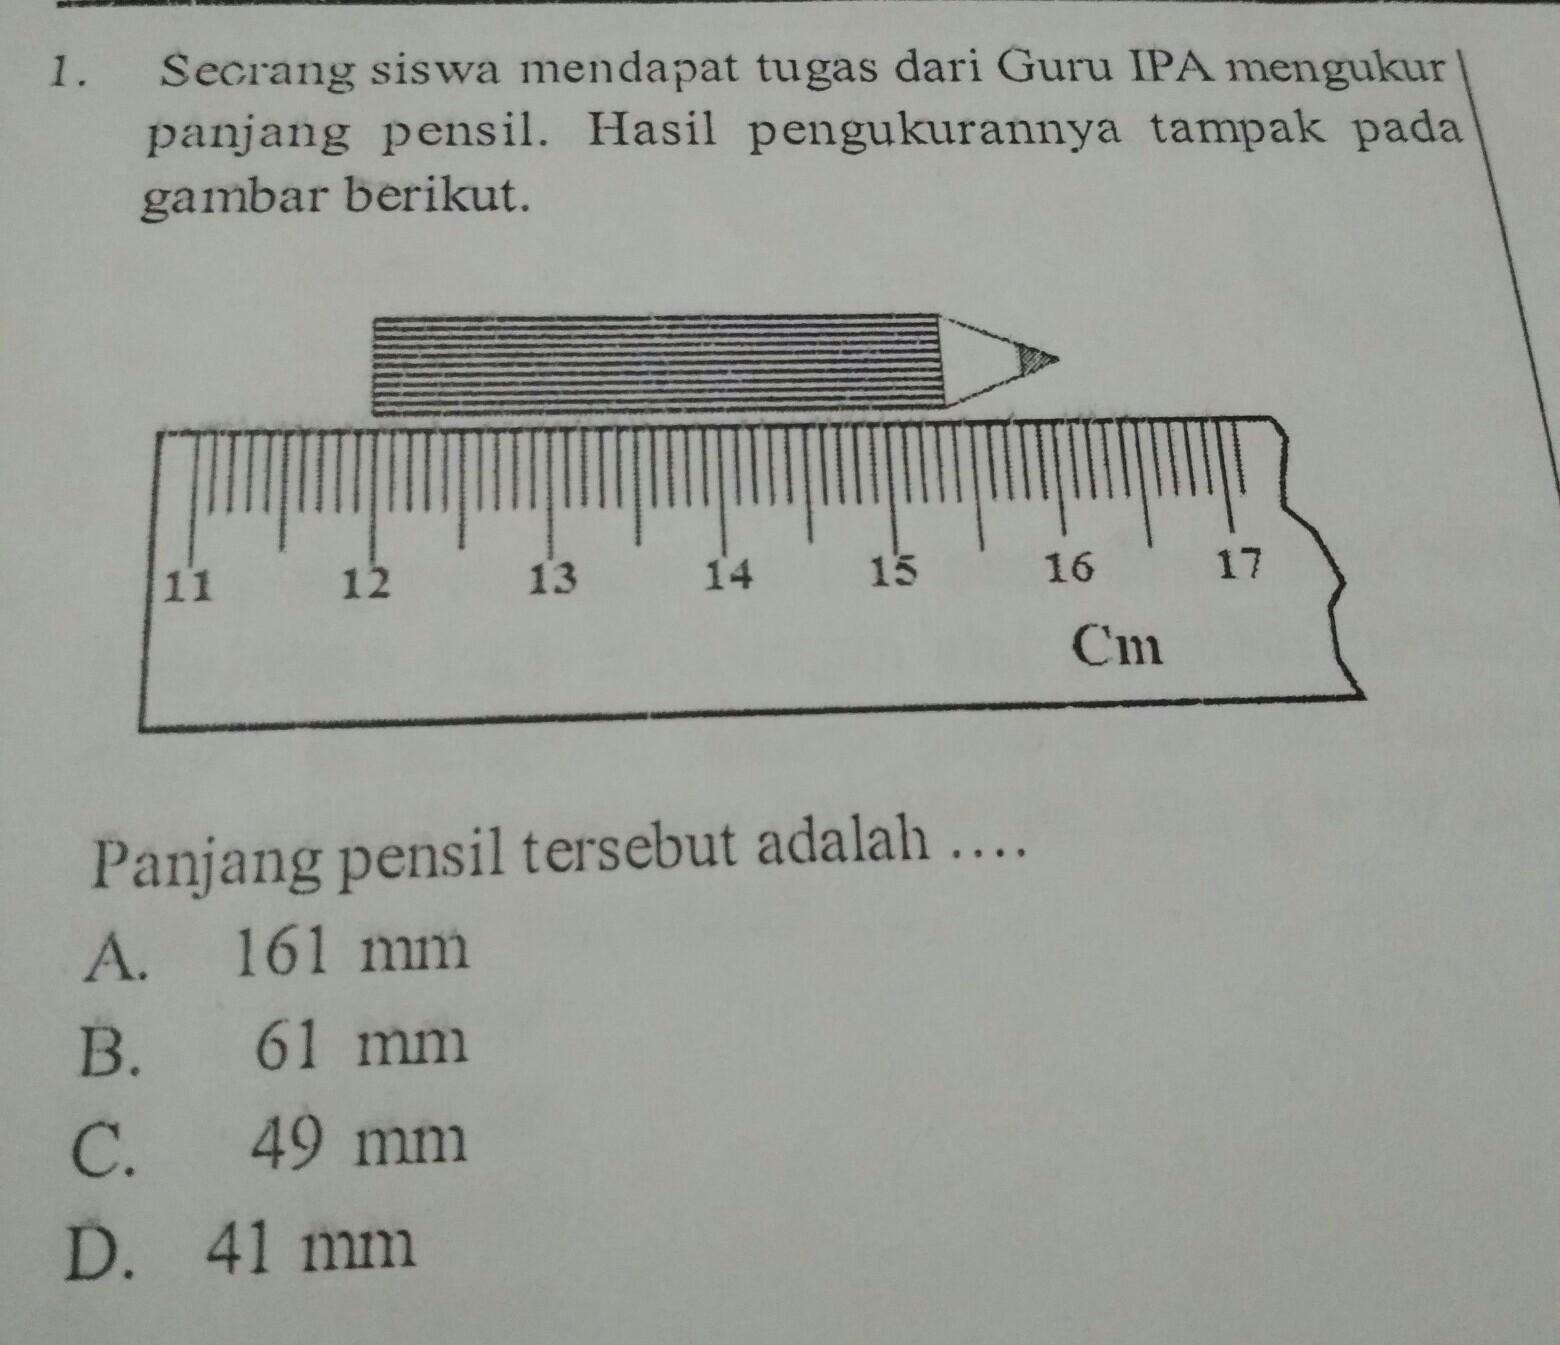 panjang pensil tersebut adalah... - Brainly.co.id